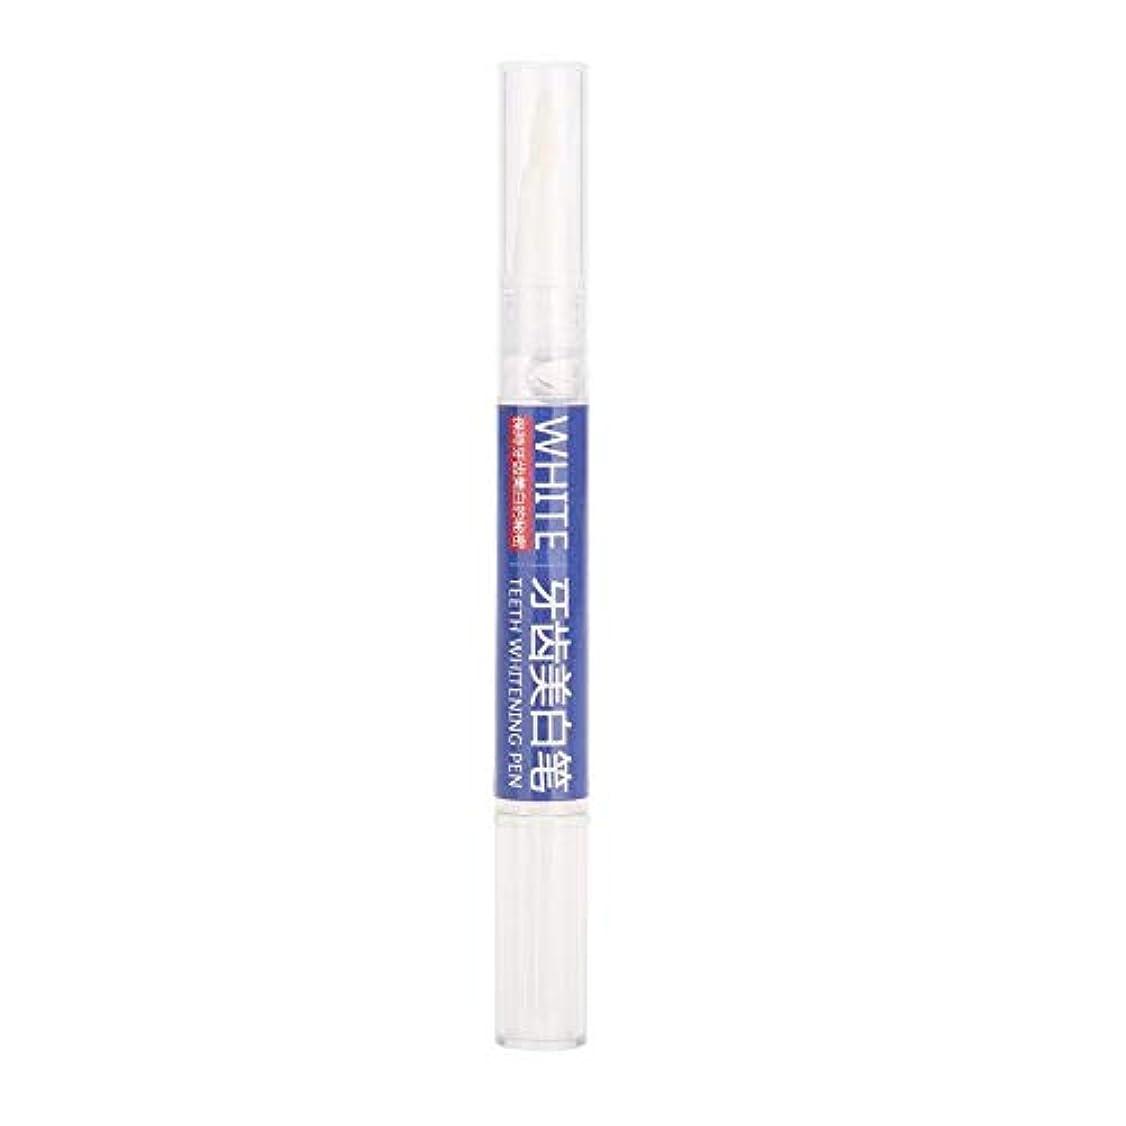 注文昇進高度なホワイトニングトゥースペン3mlイエロートゥースシガレット汚れ除去ホワイトニングホワイトニングトゥースジェルペン